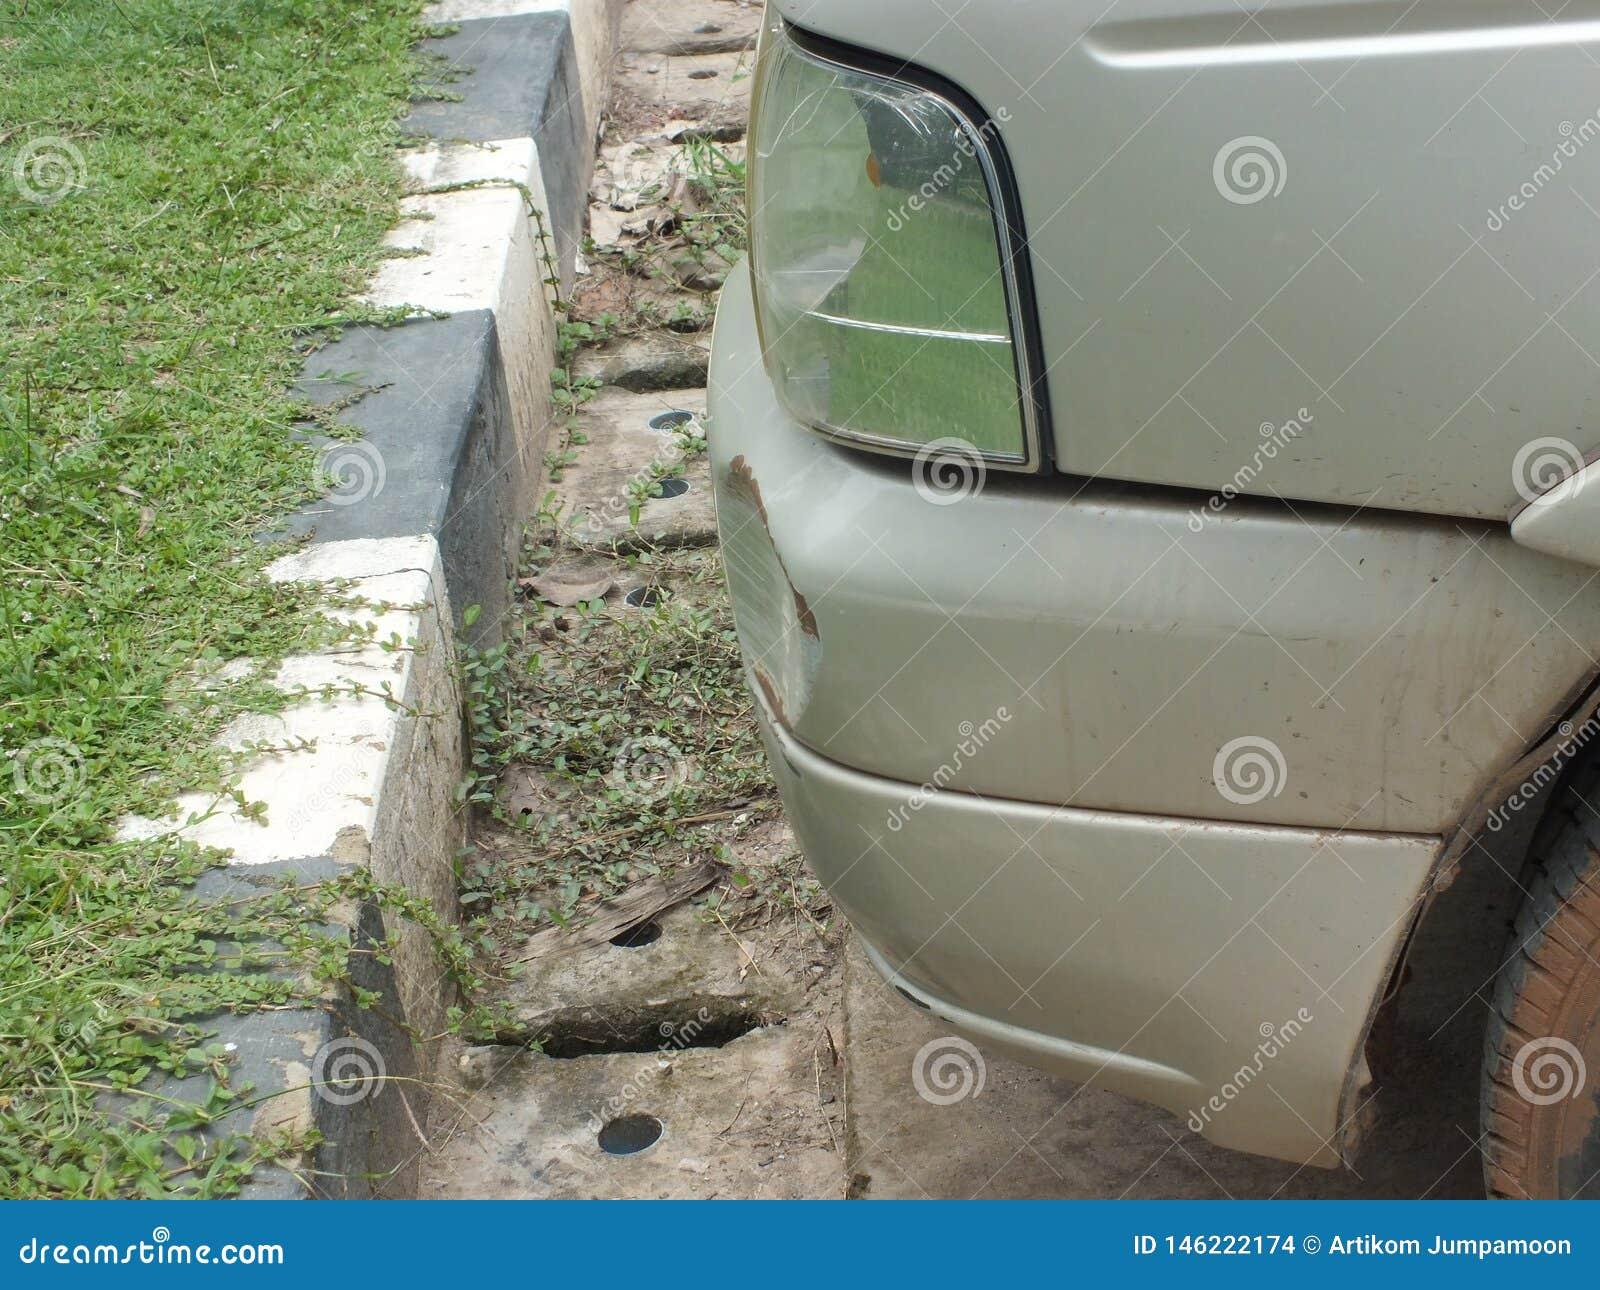 De auto werd geraakt door een ongeval wegens schuring of het instorten Zou moeten worden hersteld